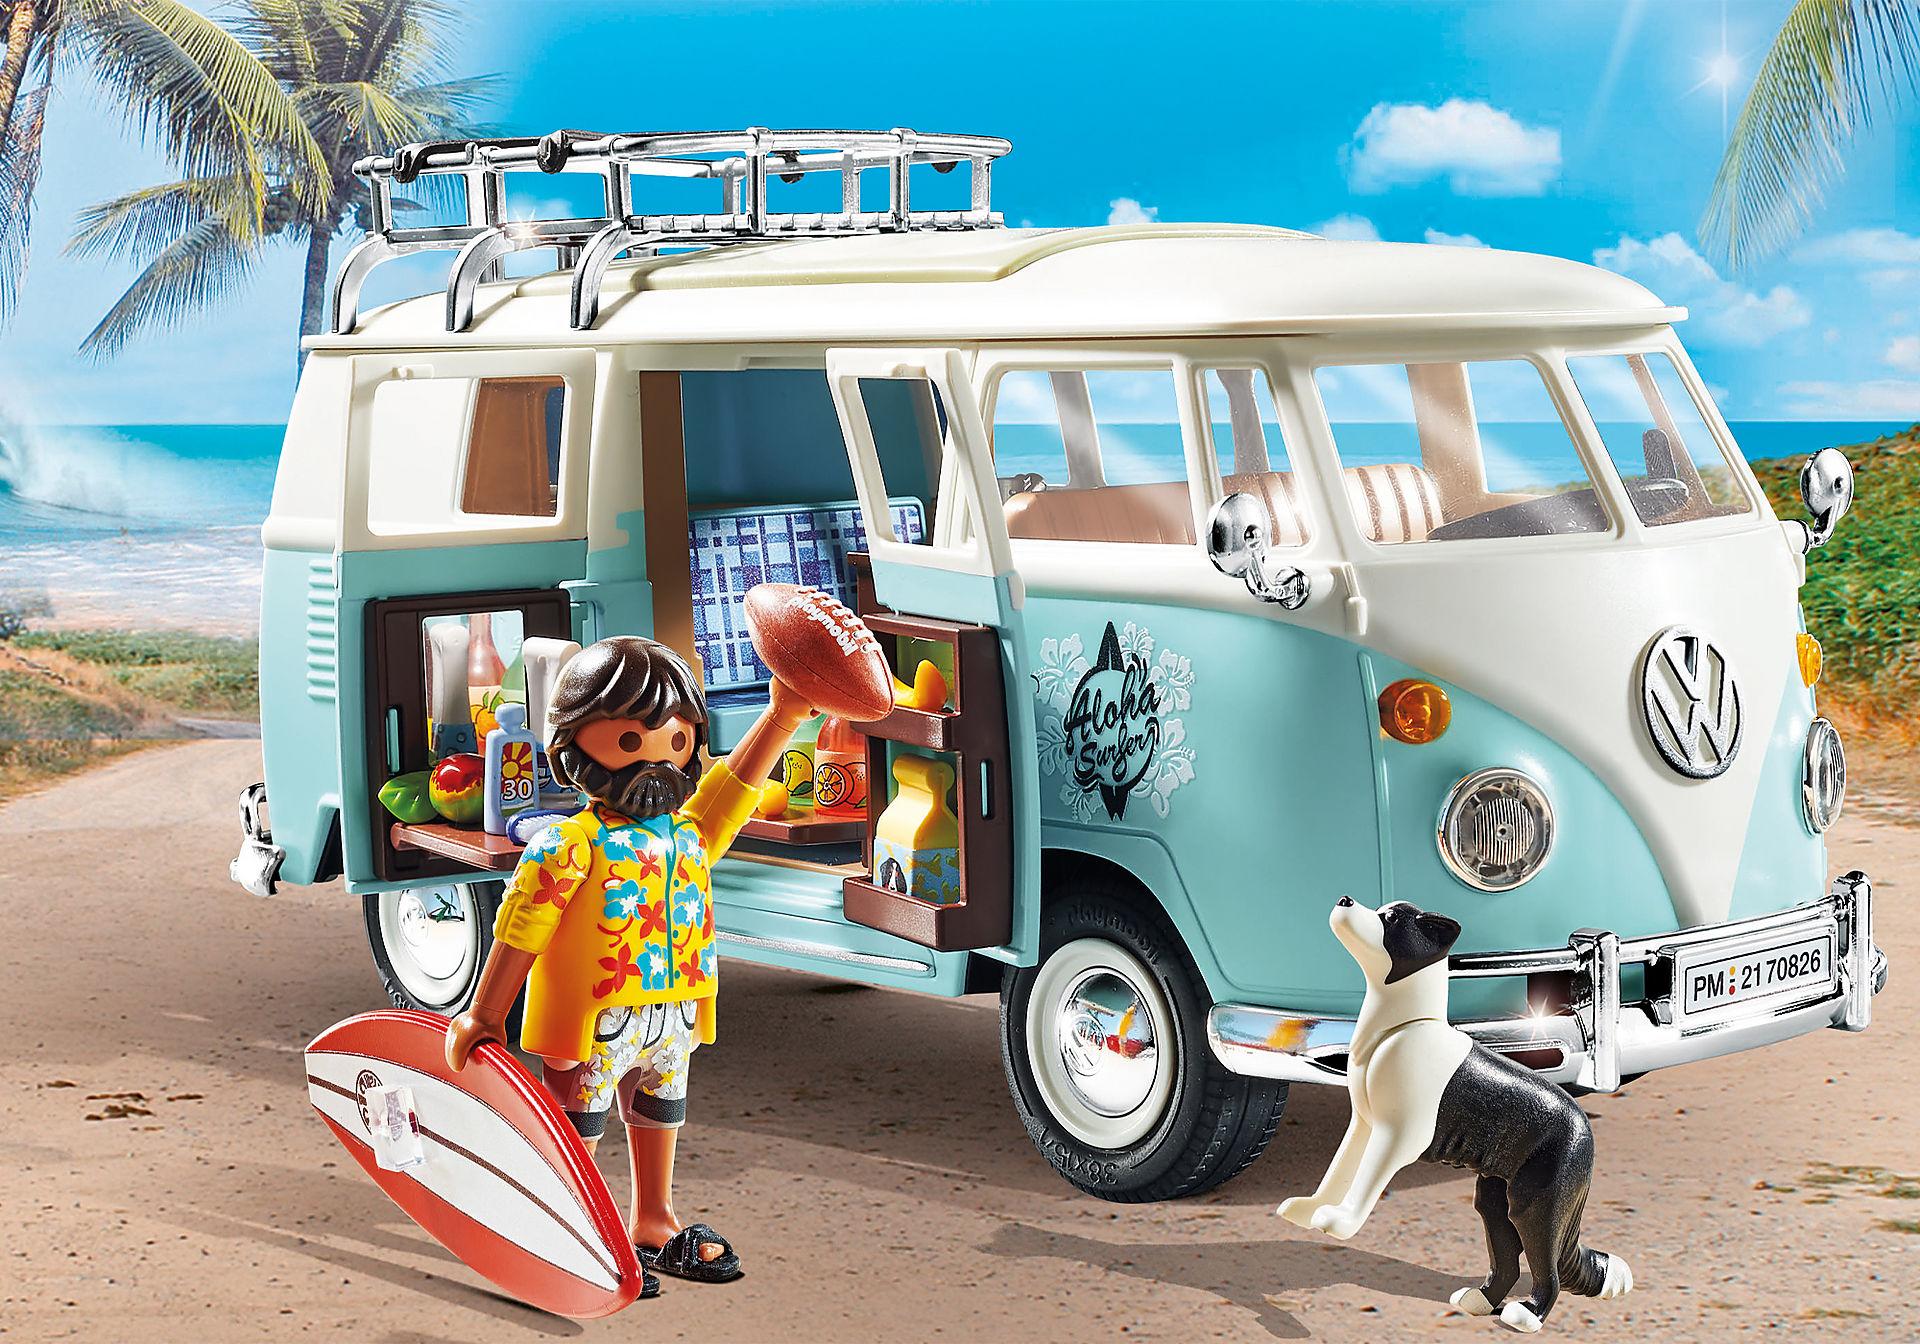 70826 Volkswagen T1 Camping Bus - Edición especial zoom image6